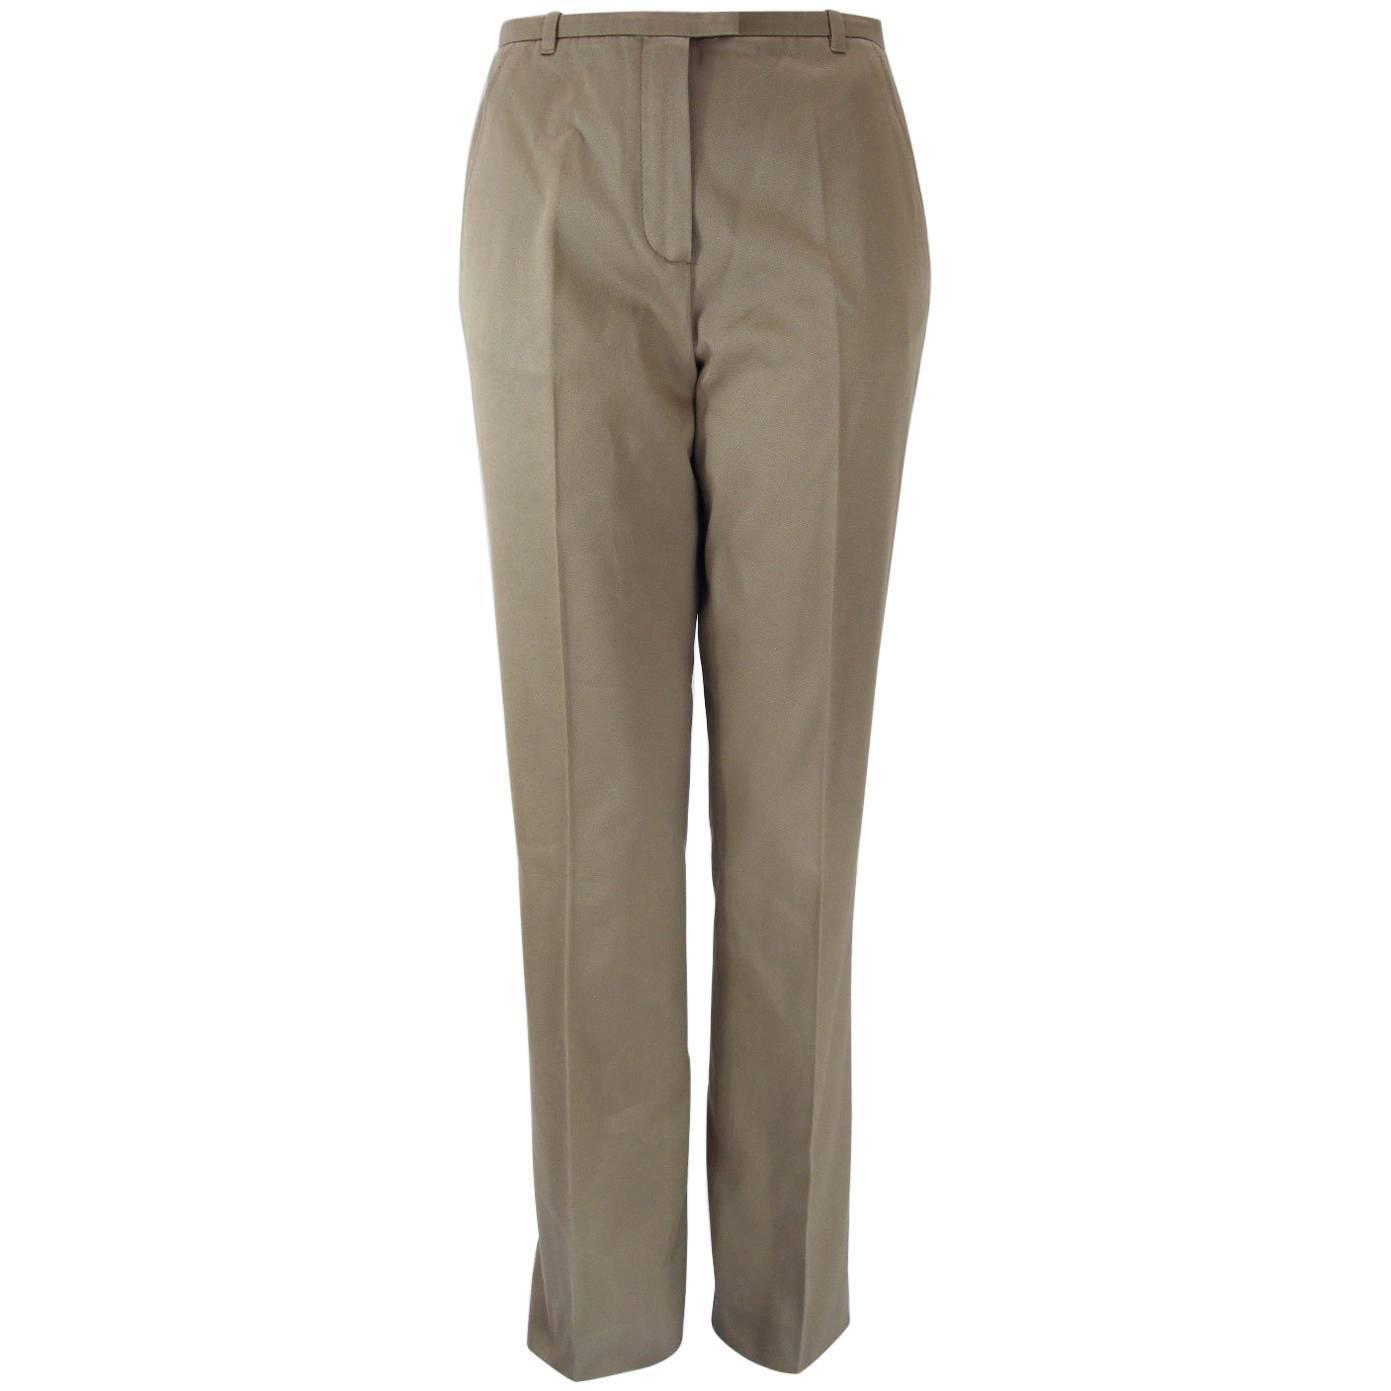 Hermes Classic Cotton Khaki Pants Slacks